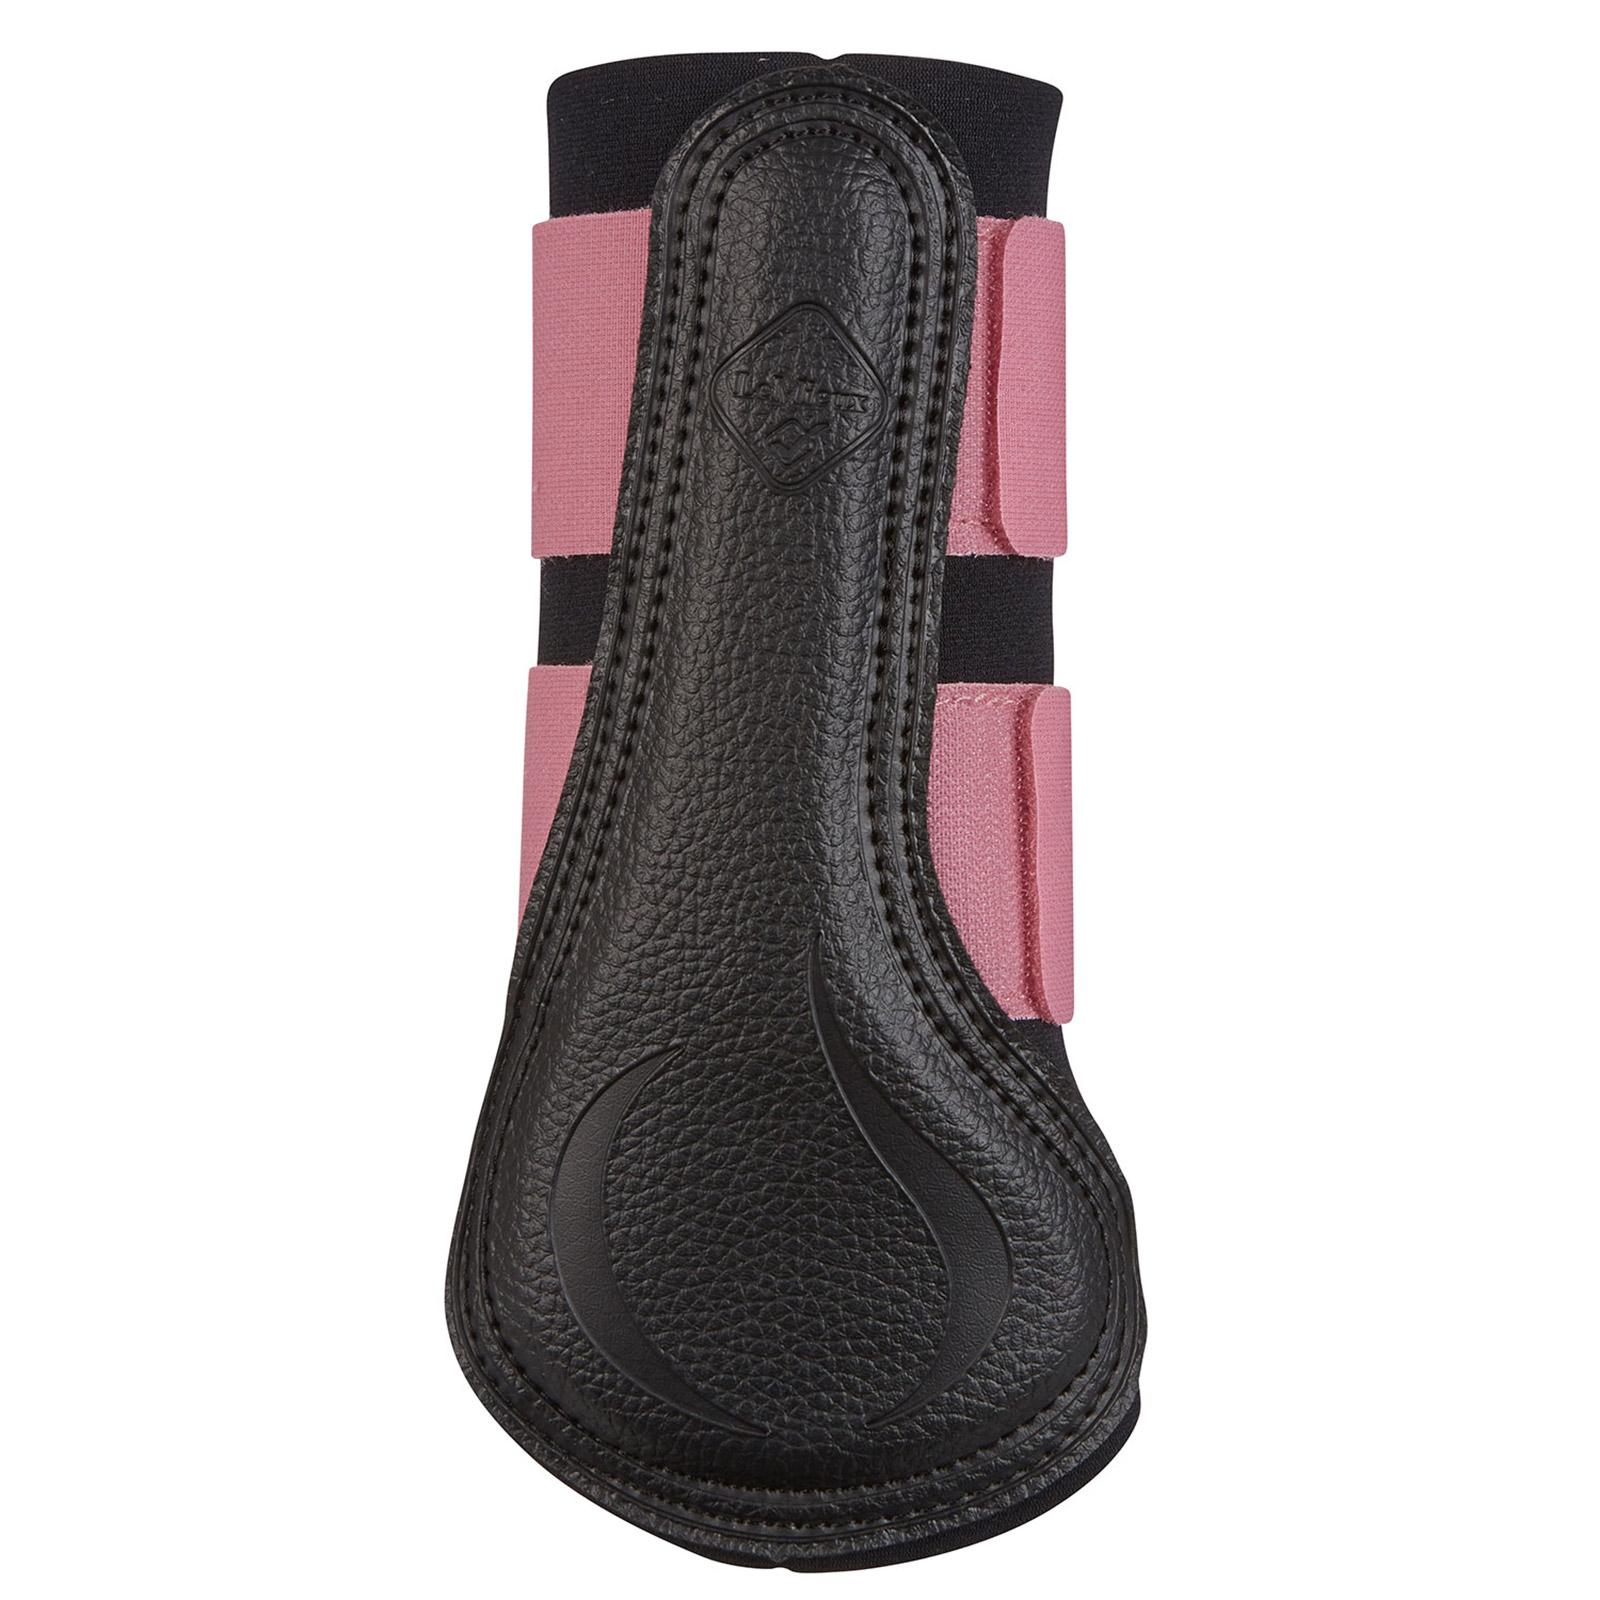 LEMIEUX-PROSPORT-Grafter-Brossage-Bottes-Leger-Protection miniature 18